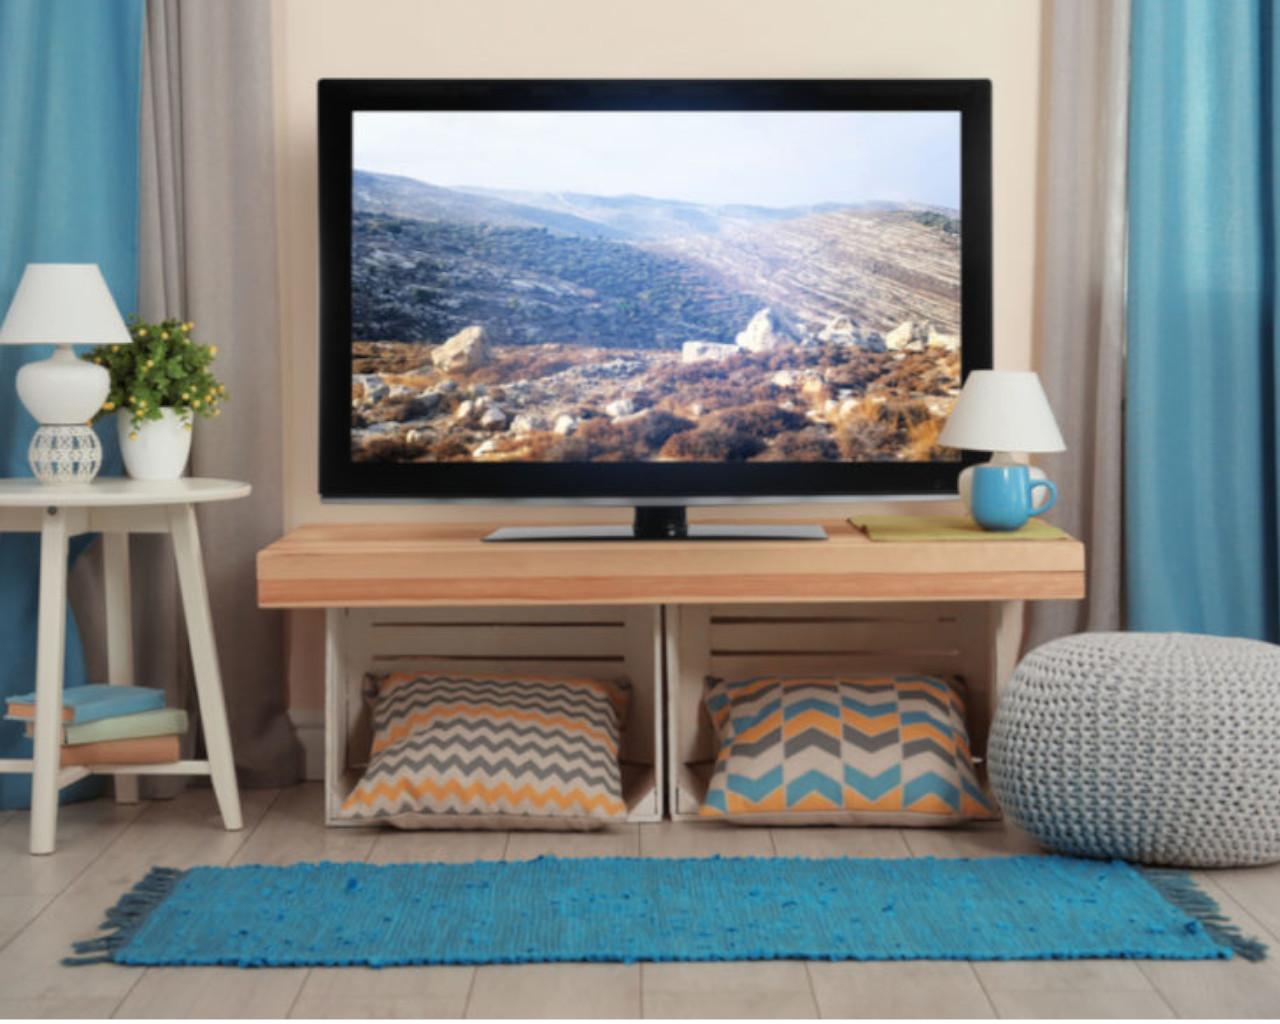 τηλεόραση, τηλεόραση και κρεβατοκάμαρα, τηλεόραση και σχέση